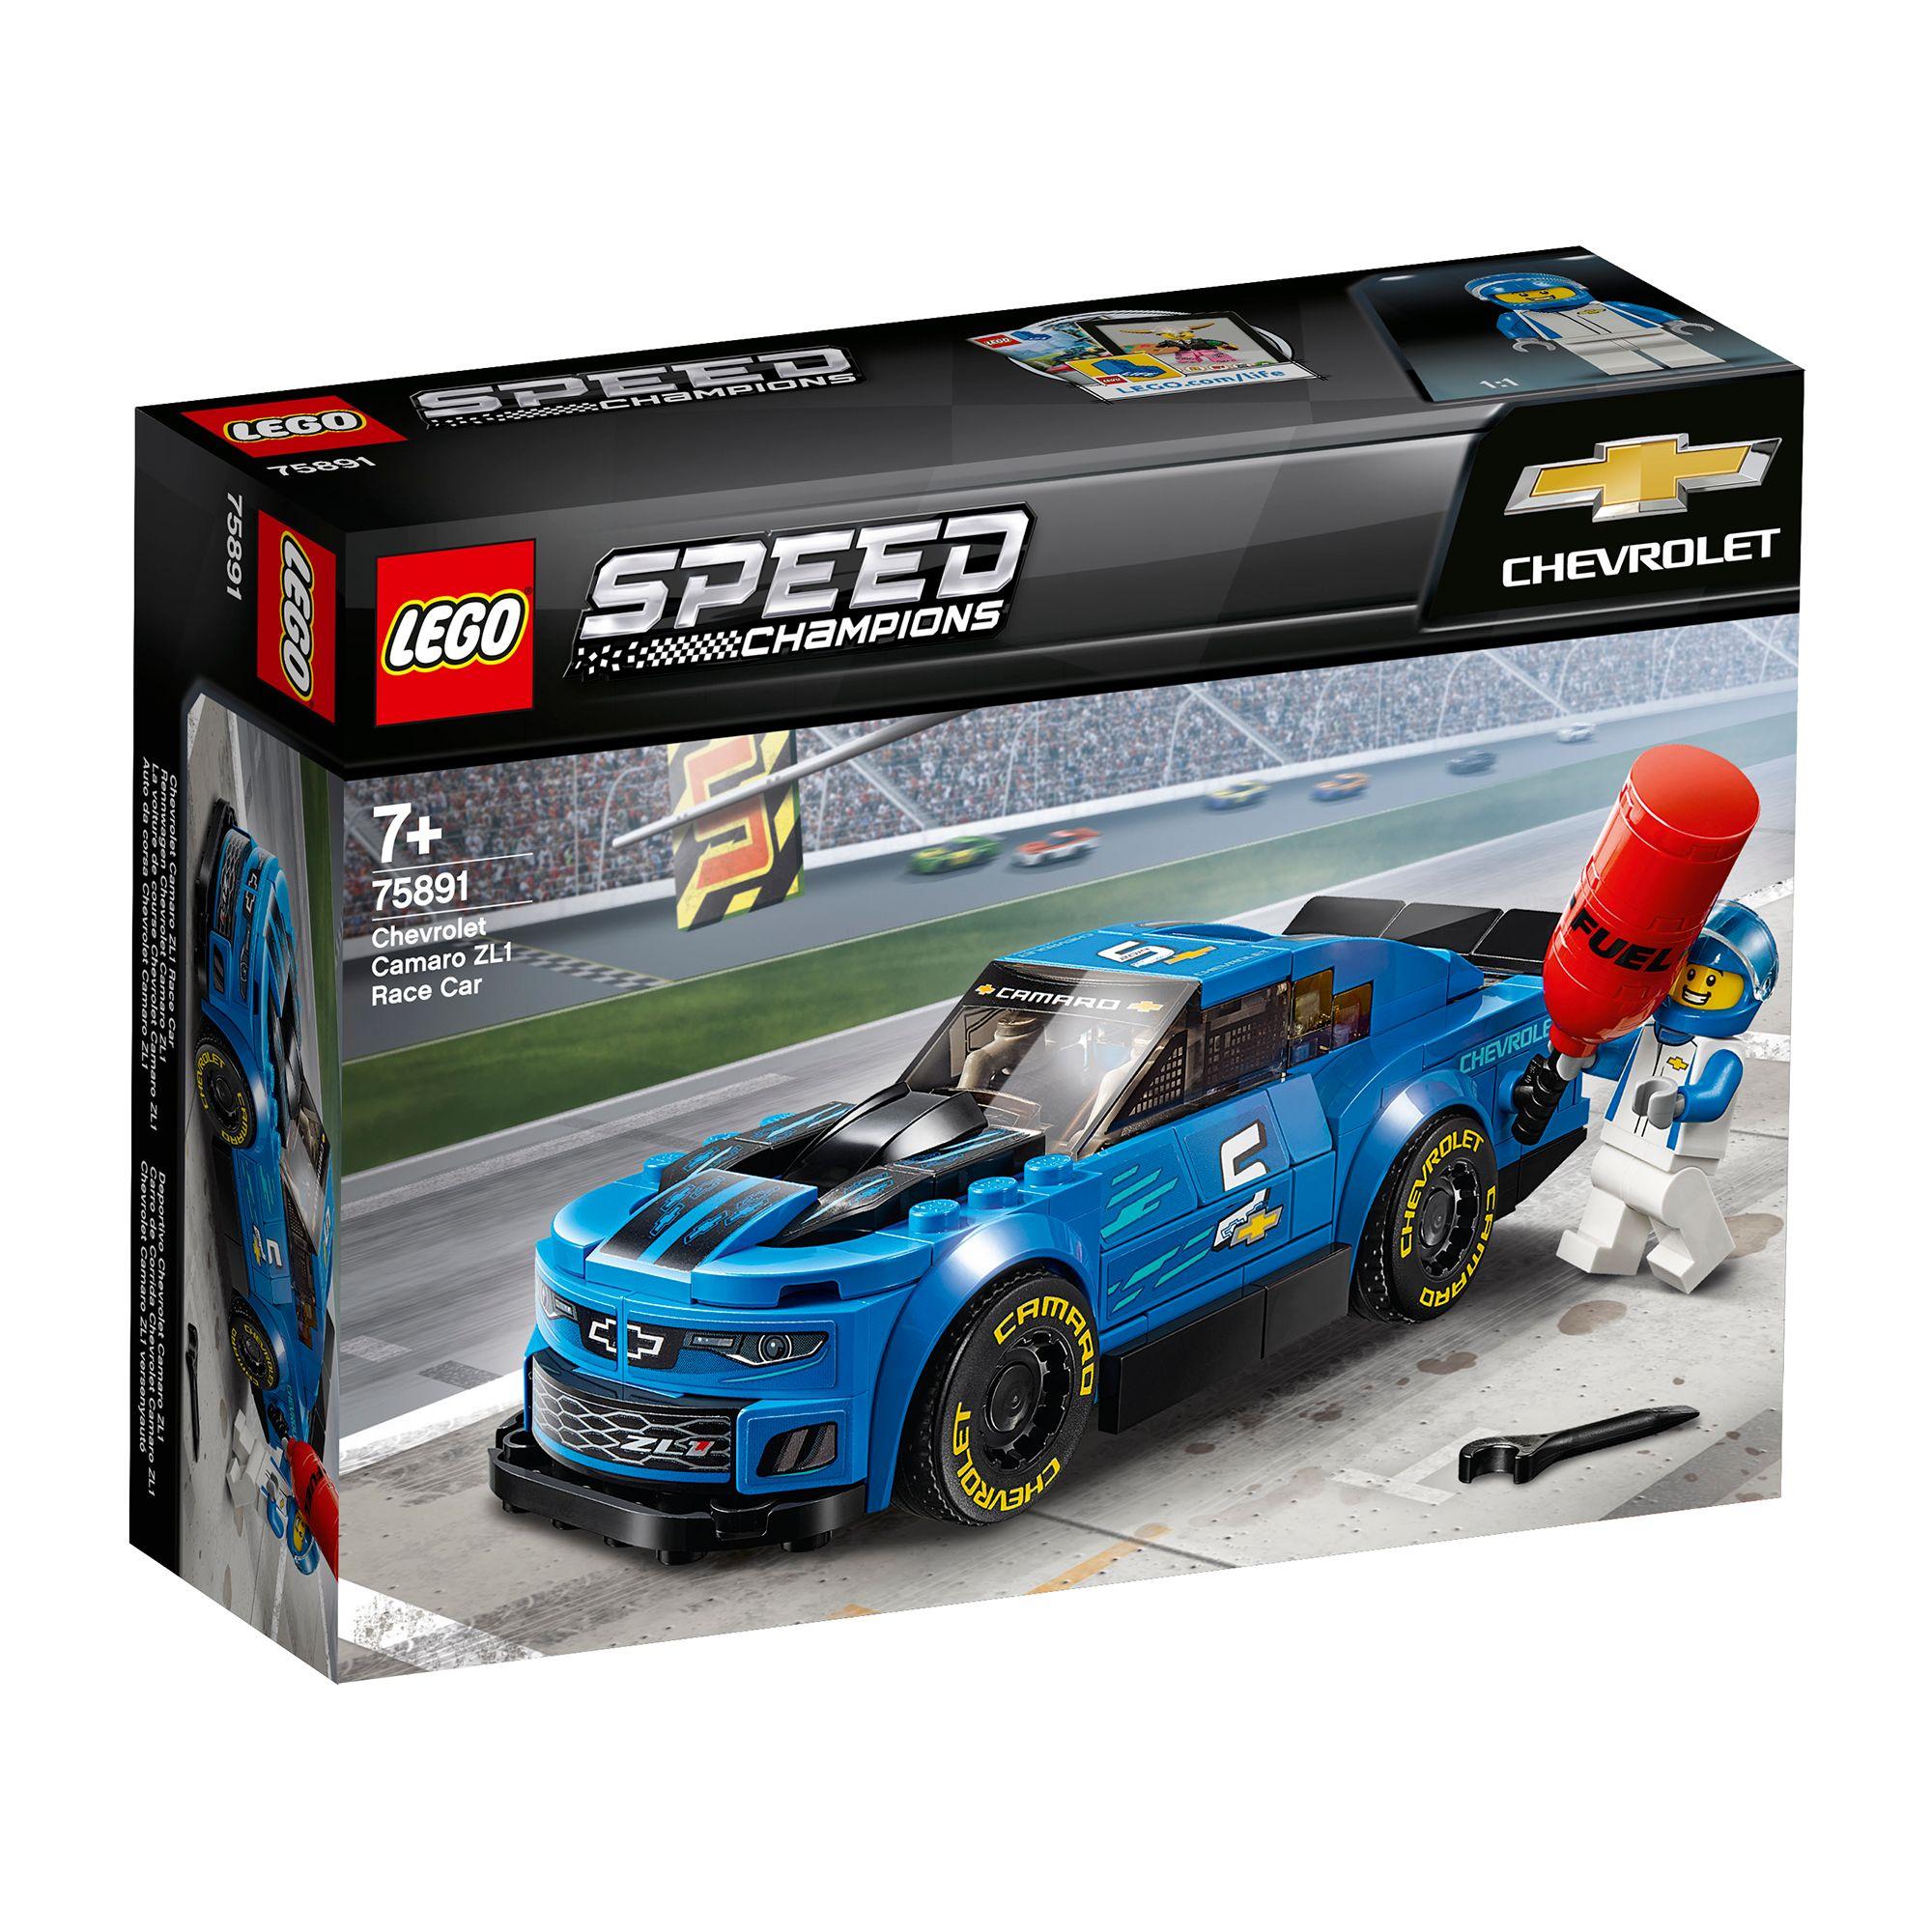 Masina de curse Chevrolet Camaro ZL1 (75891) | LEGO